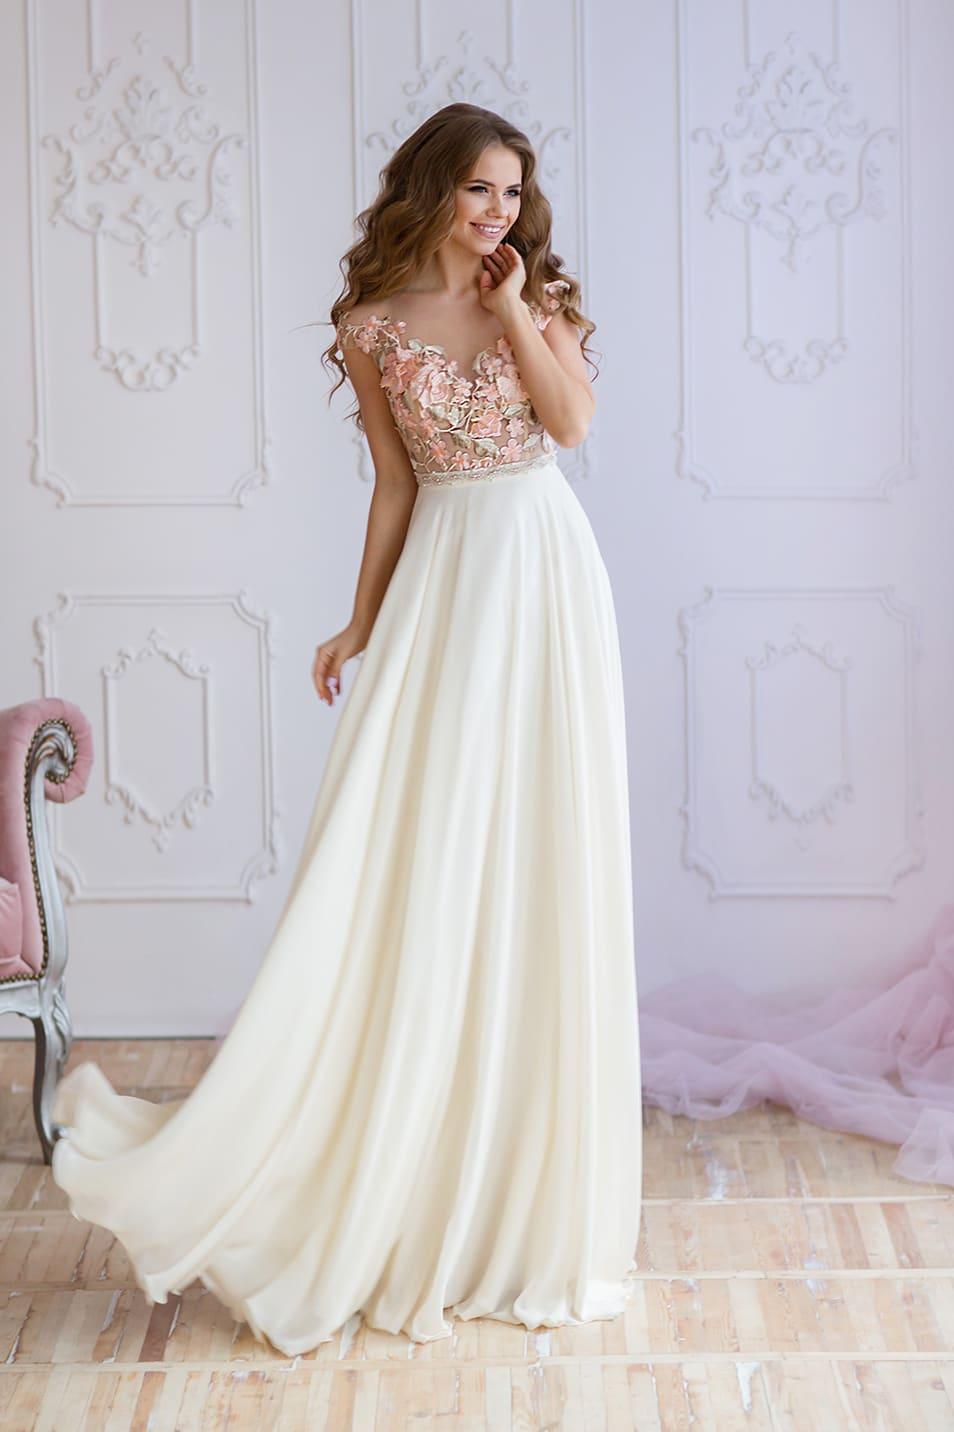 526e7547808 Платье с полупрозрачным верхом Valentina Gladun Fontella белое ...